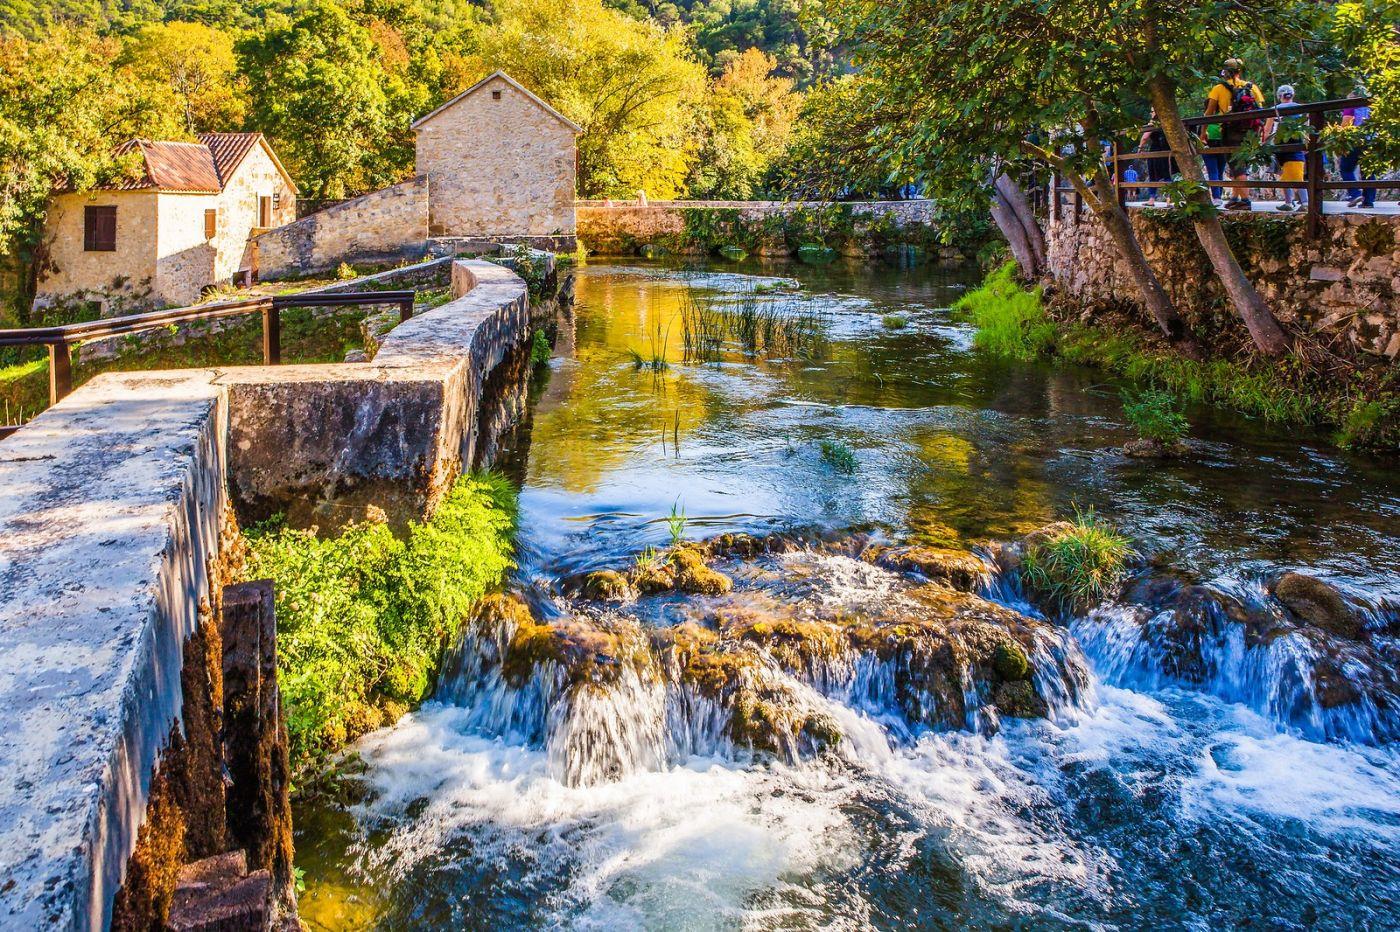 克罗地亚克尔卡国家公园(Krka National Park),小桥小路小房_图1-5